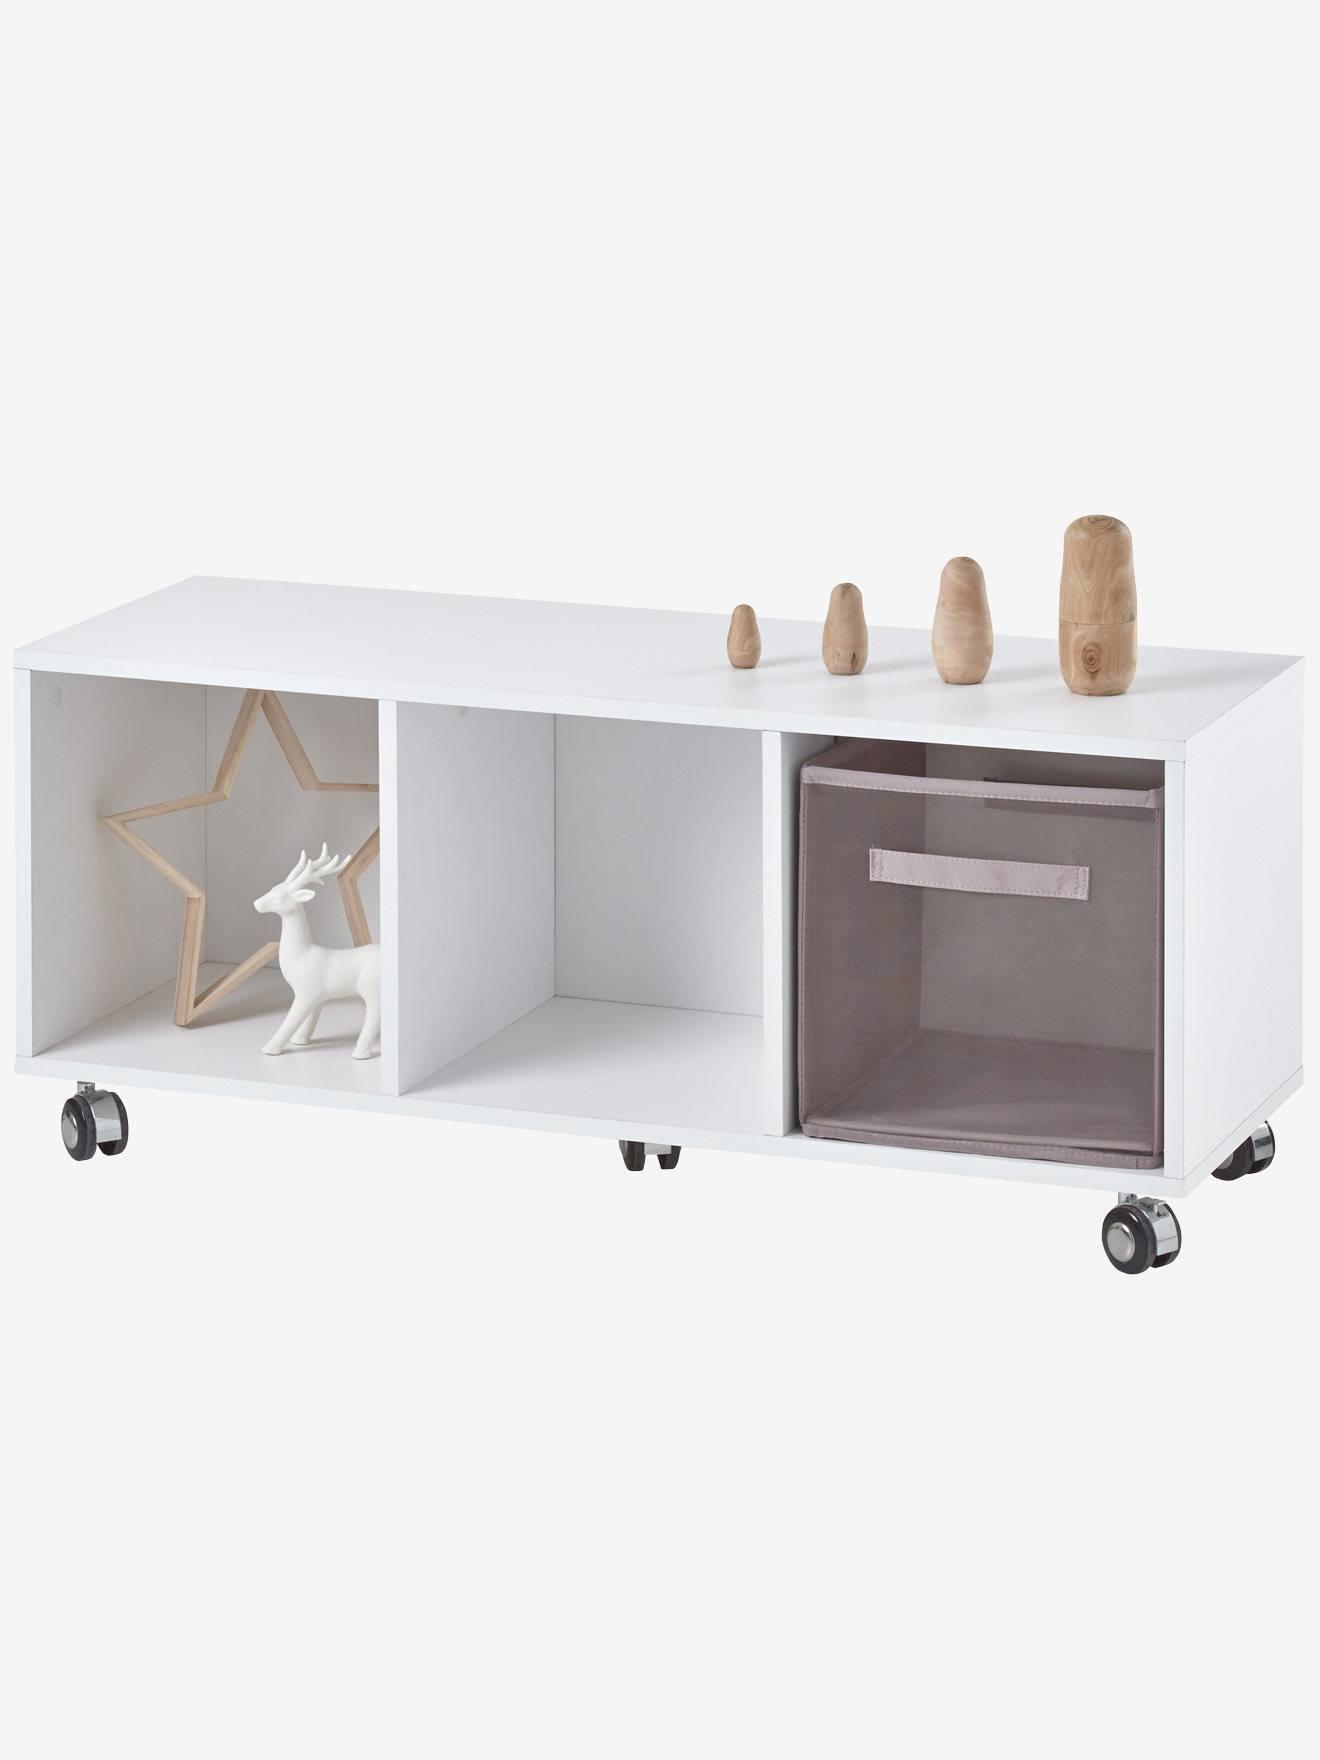 vertbaudet kinderzimmer sideboard mit rollen wei kaufen. Black Bedroom Furniture Sets. Home Design Ideas